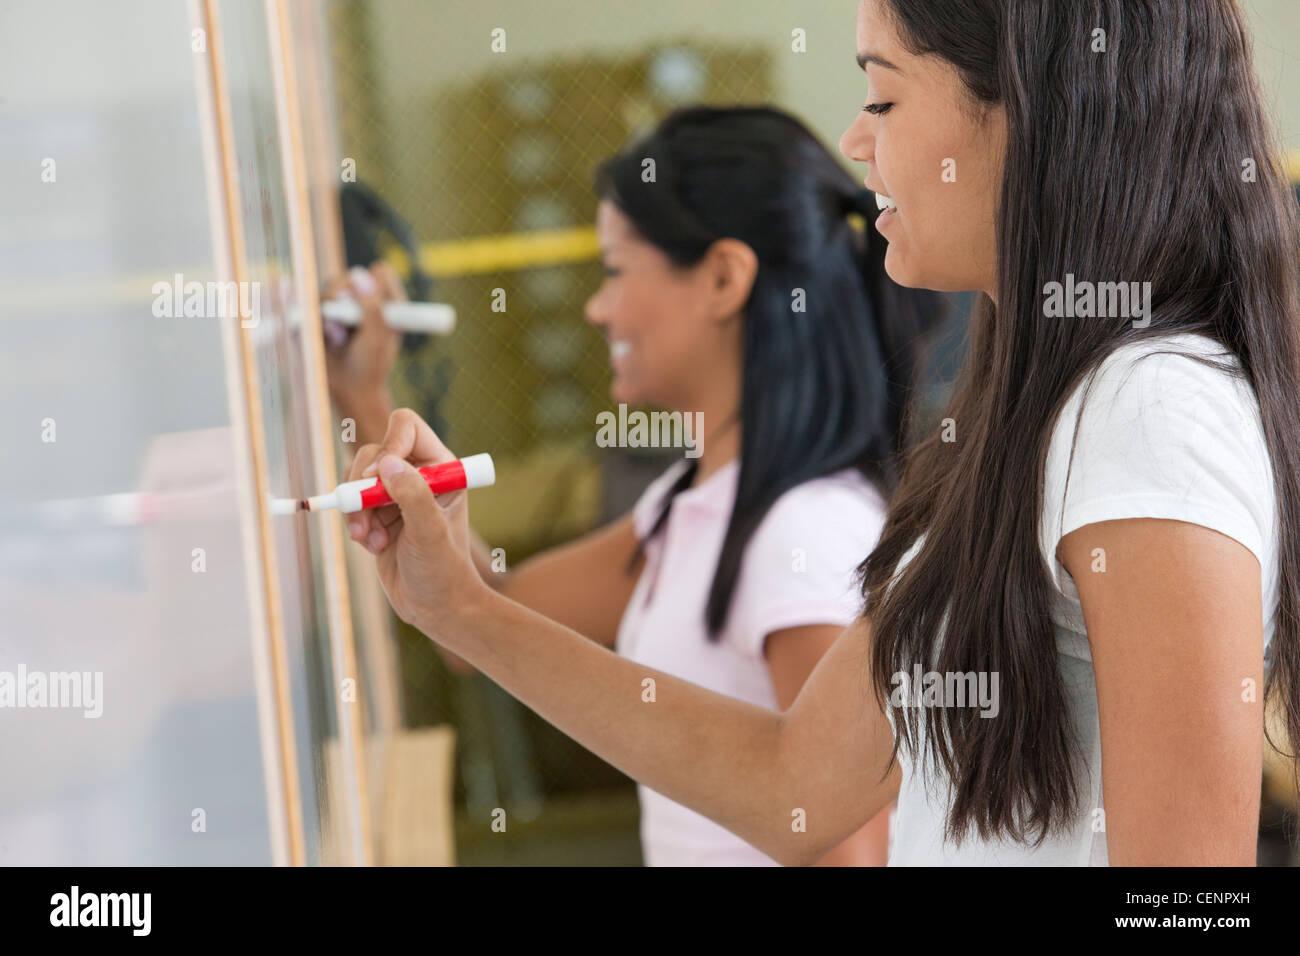 Studenten auf einem Whiteboard schreiben Stockfoto, Bild: 43504905 ...